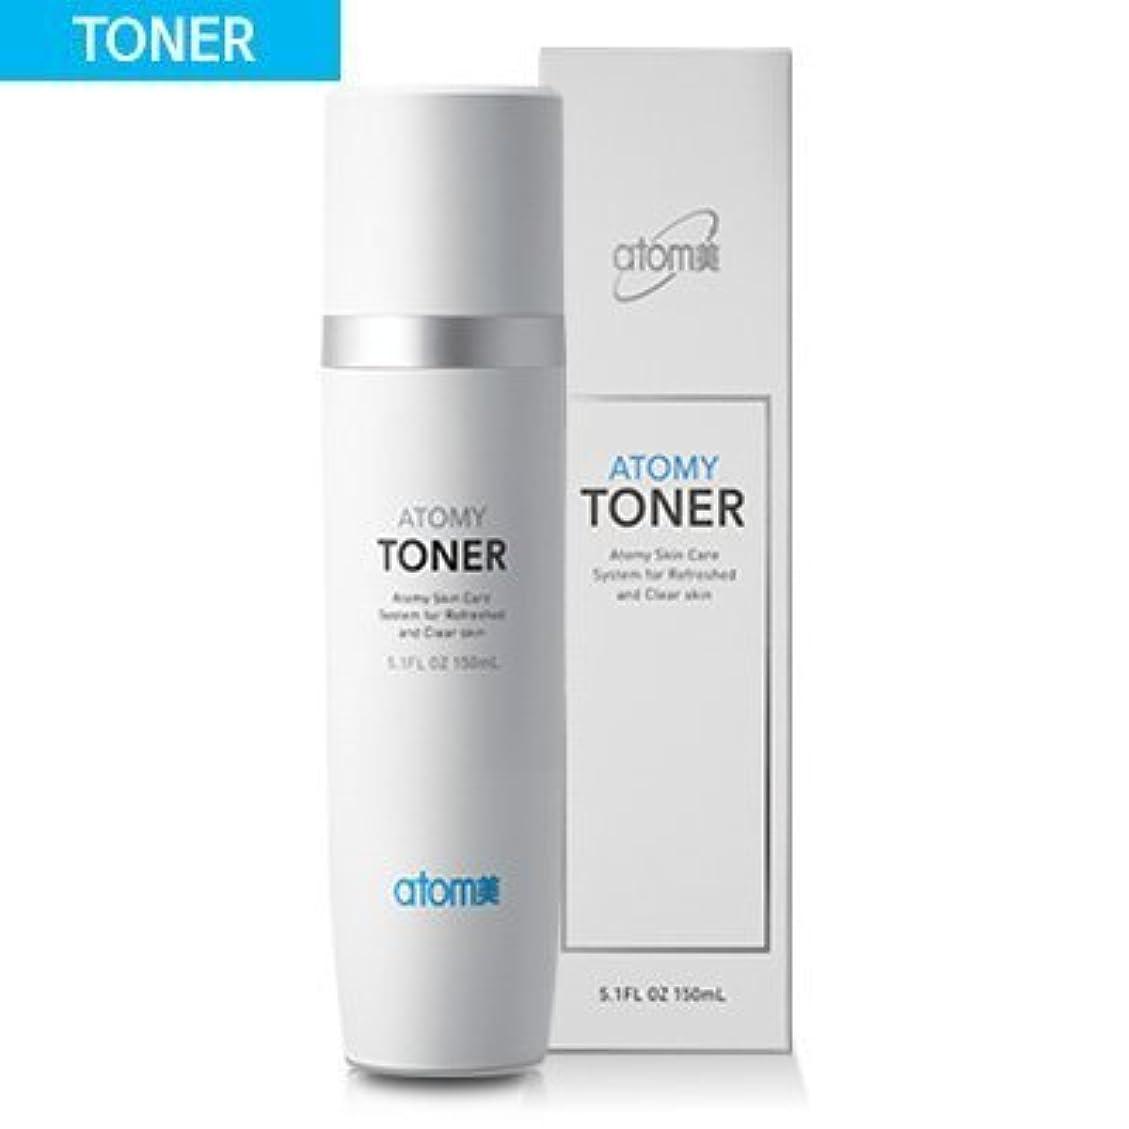 必須問い合わせる一貫したAtomi Atomy Atom美 アトミ アトミ化粧水 Skin